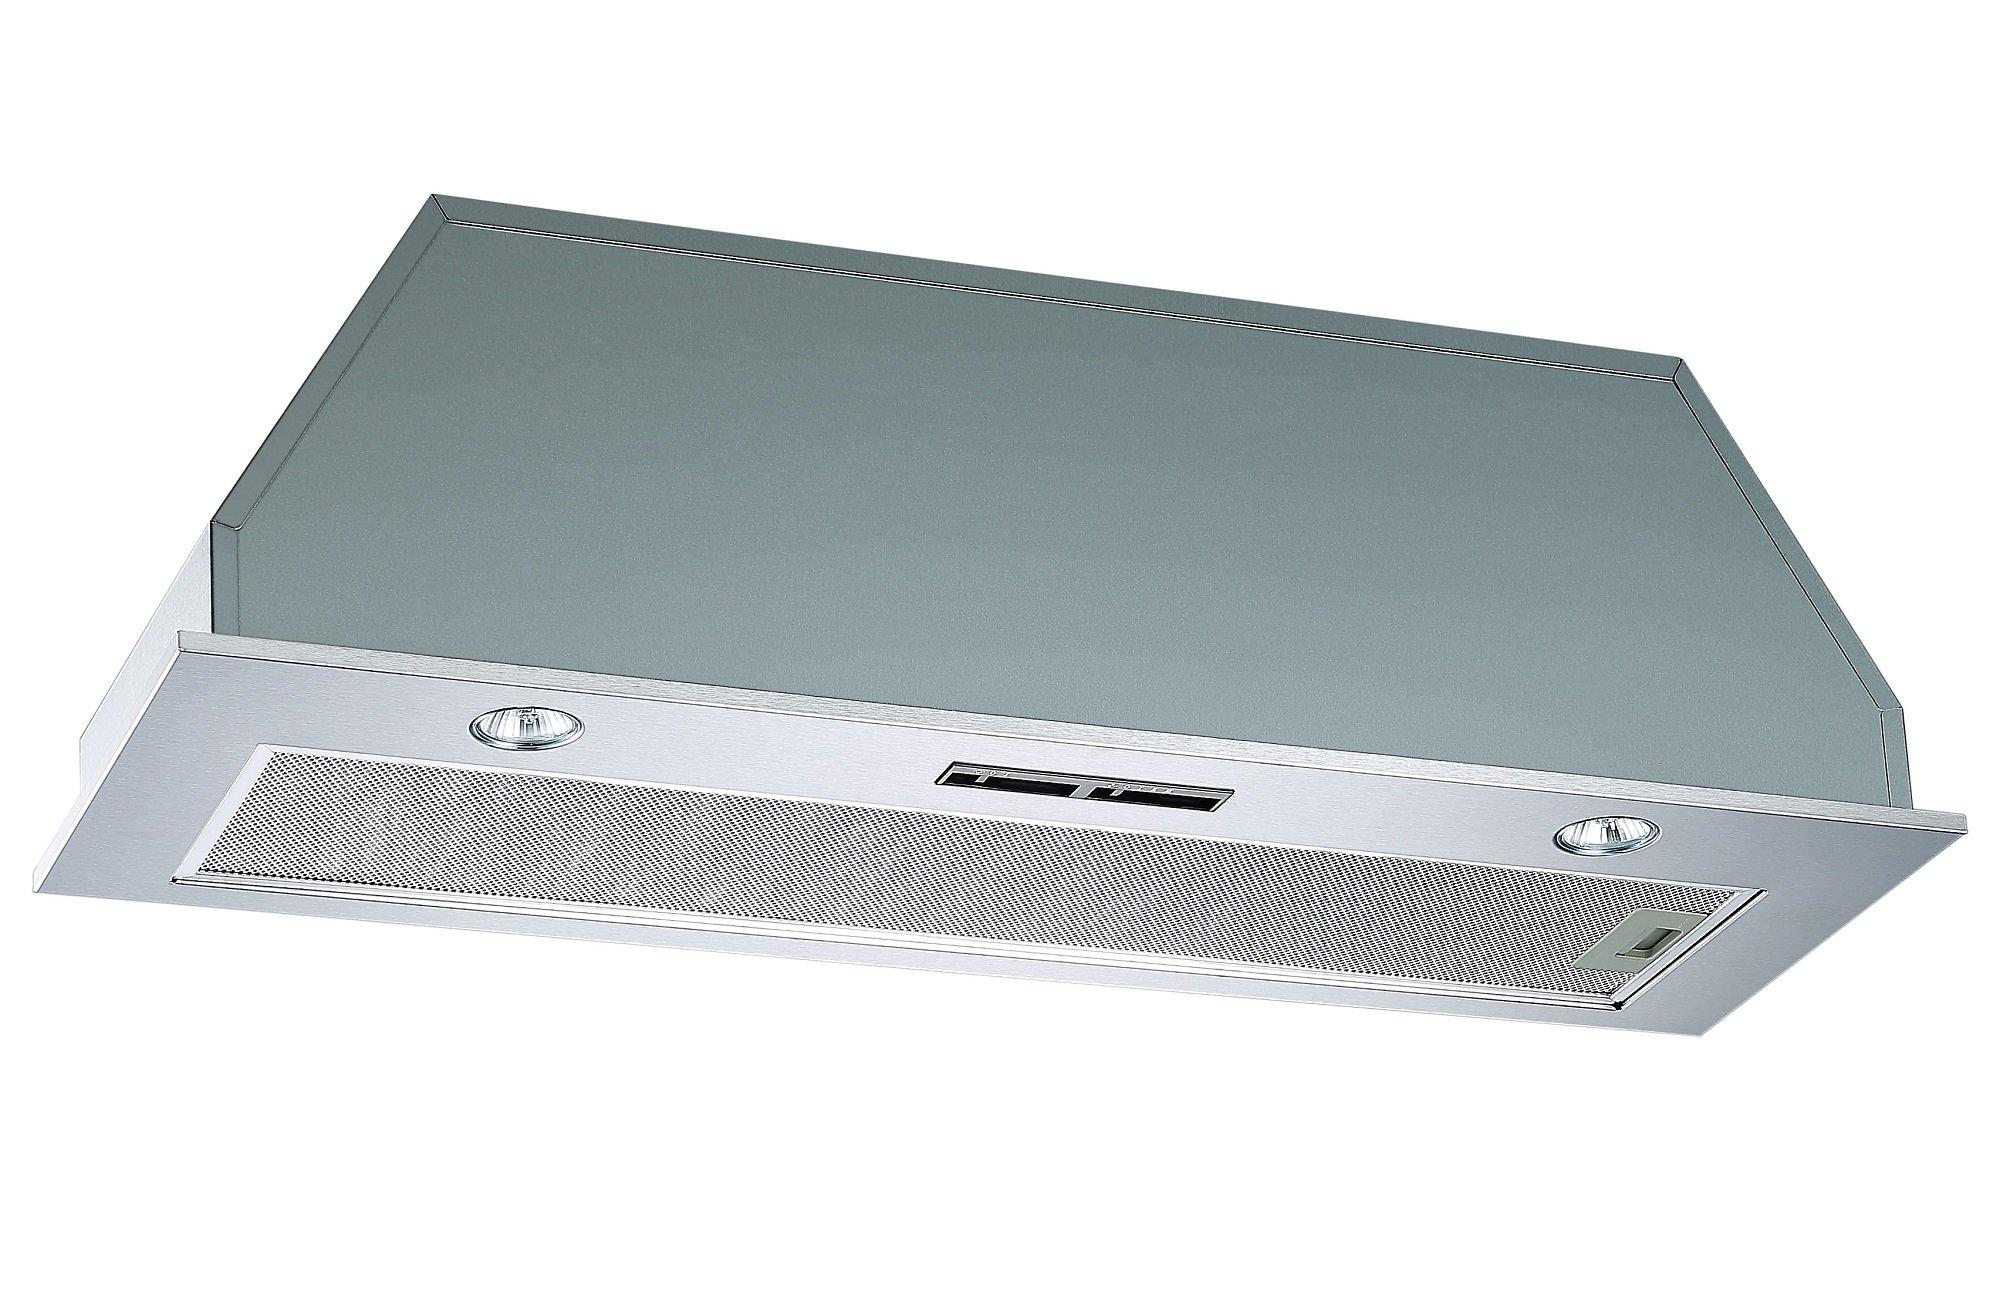 Extractor de techo integrado Cookology BUCH900SS, con campana extractora integrada de 90 cm y filtros de recirculación: Amazon.es: Grandes electrodomésticos